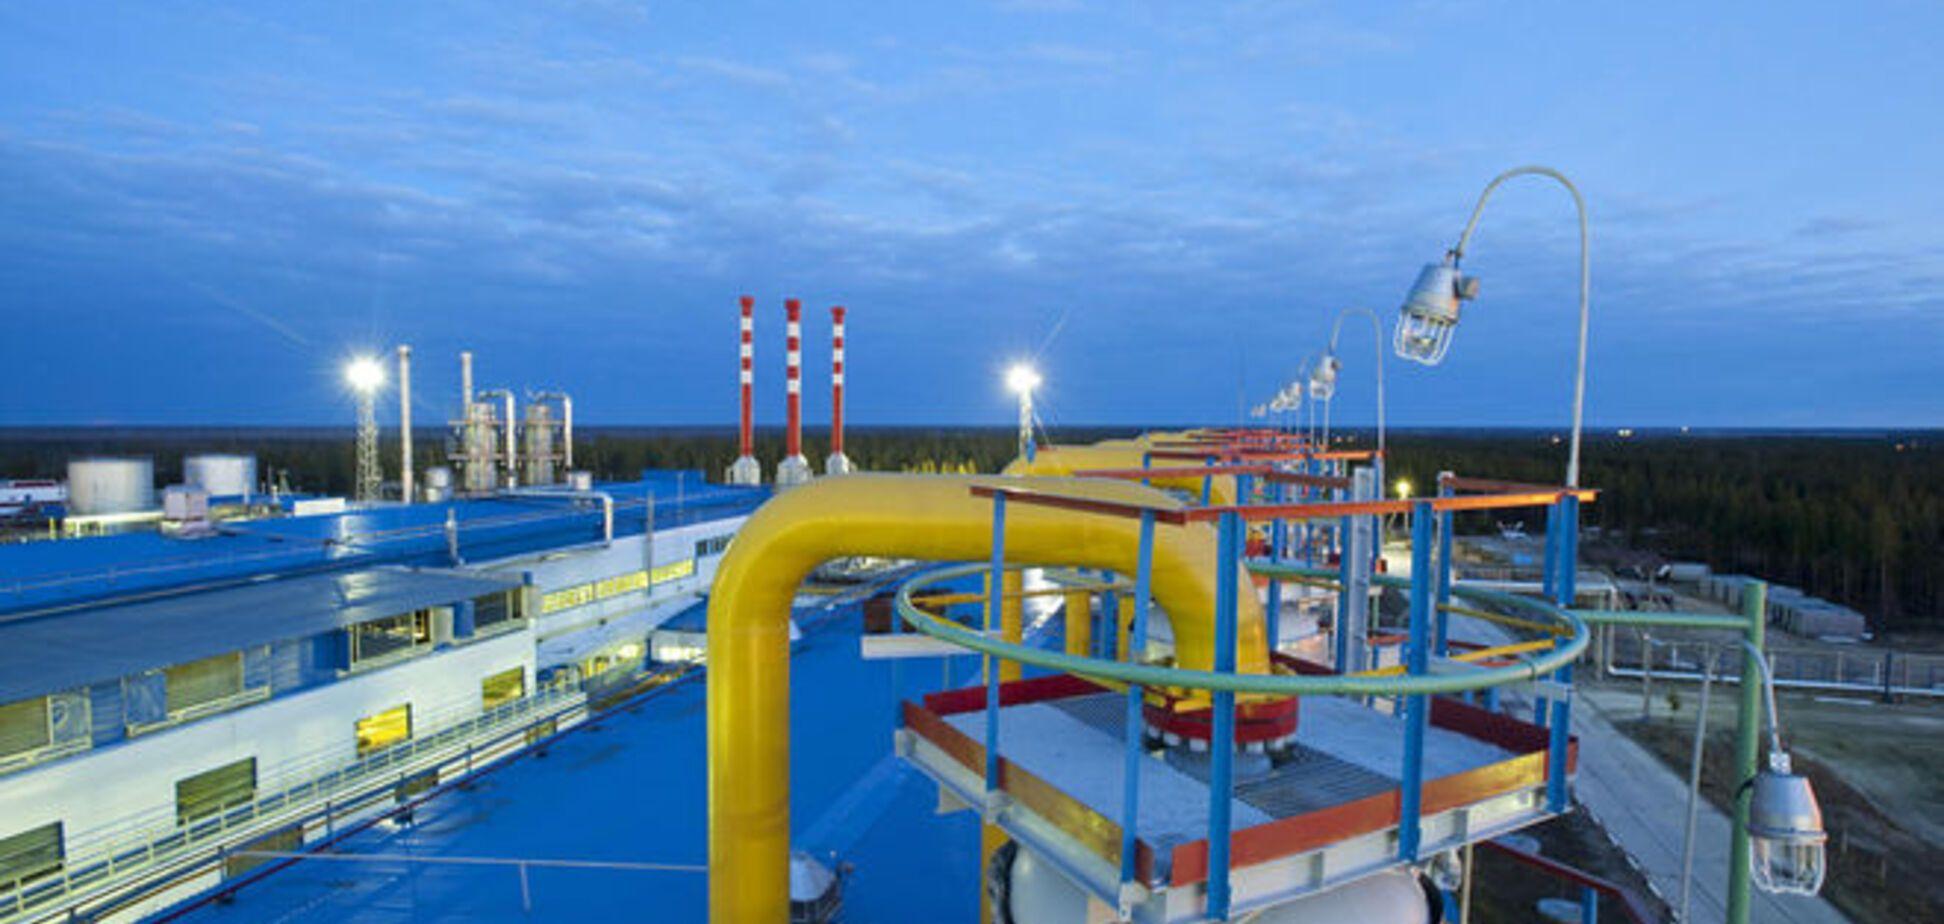 Холодный душ для 'Газпрома'